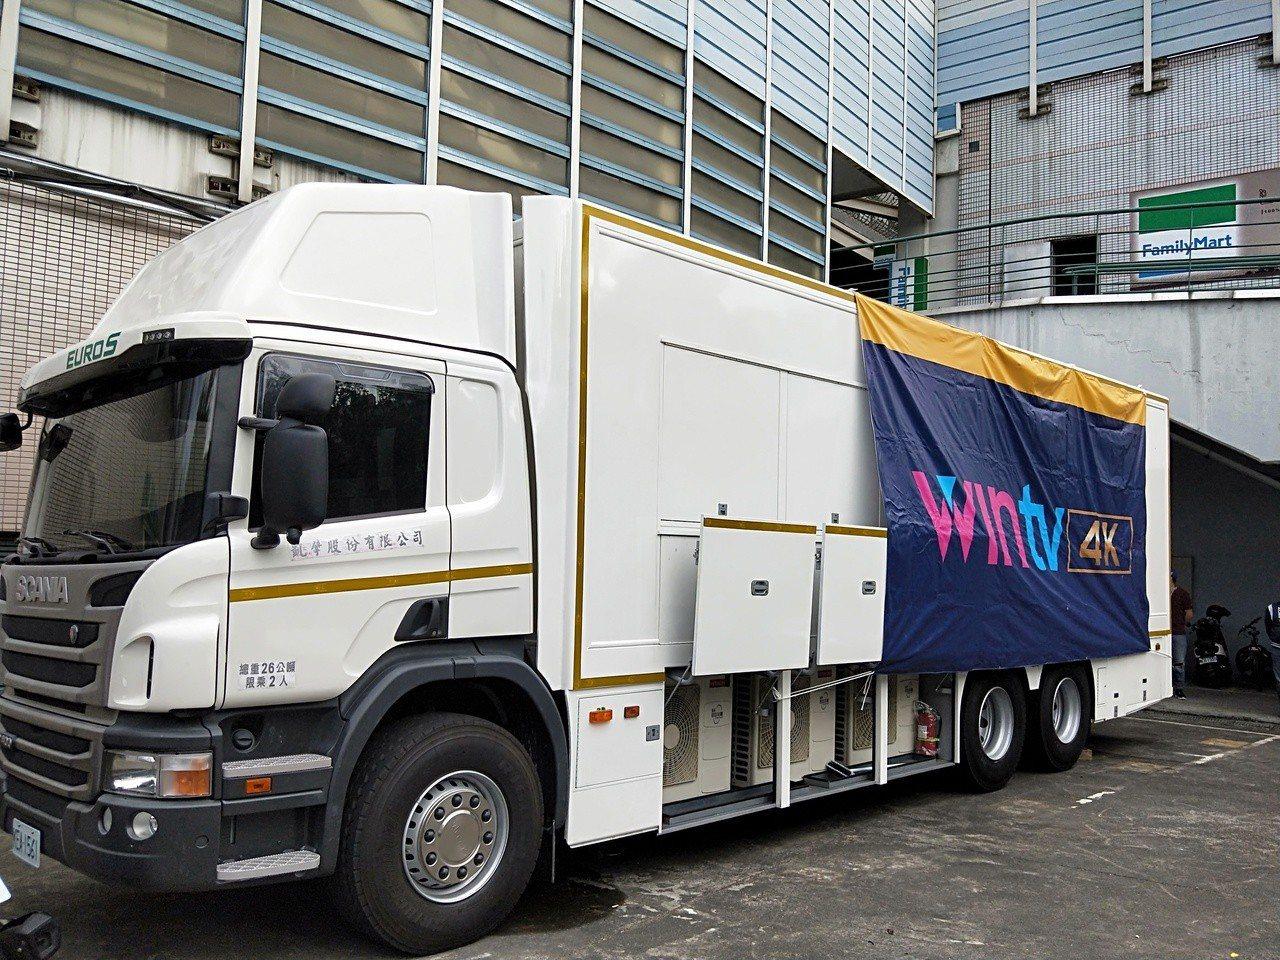 WIN TV全新打造的4K轉播車。記者婁靖平/攝影